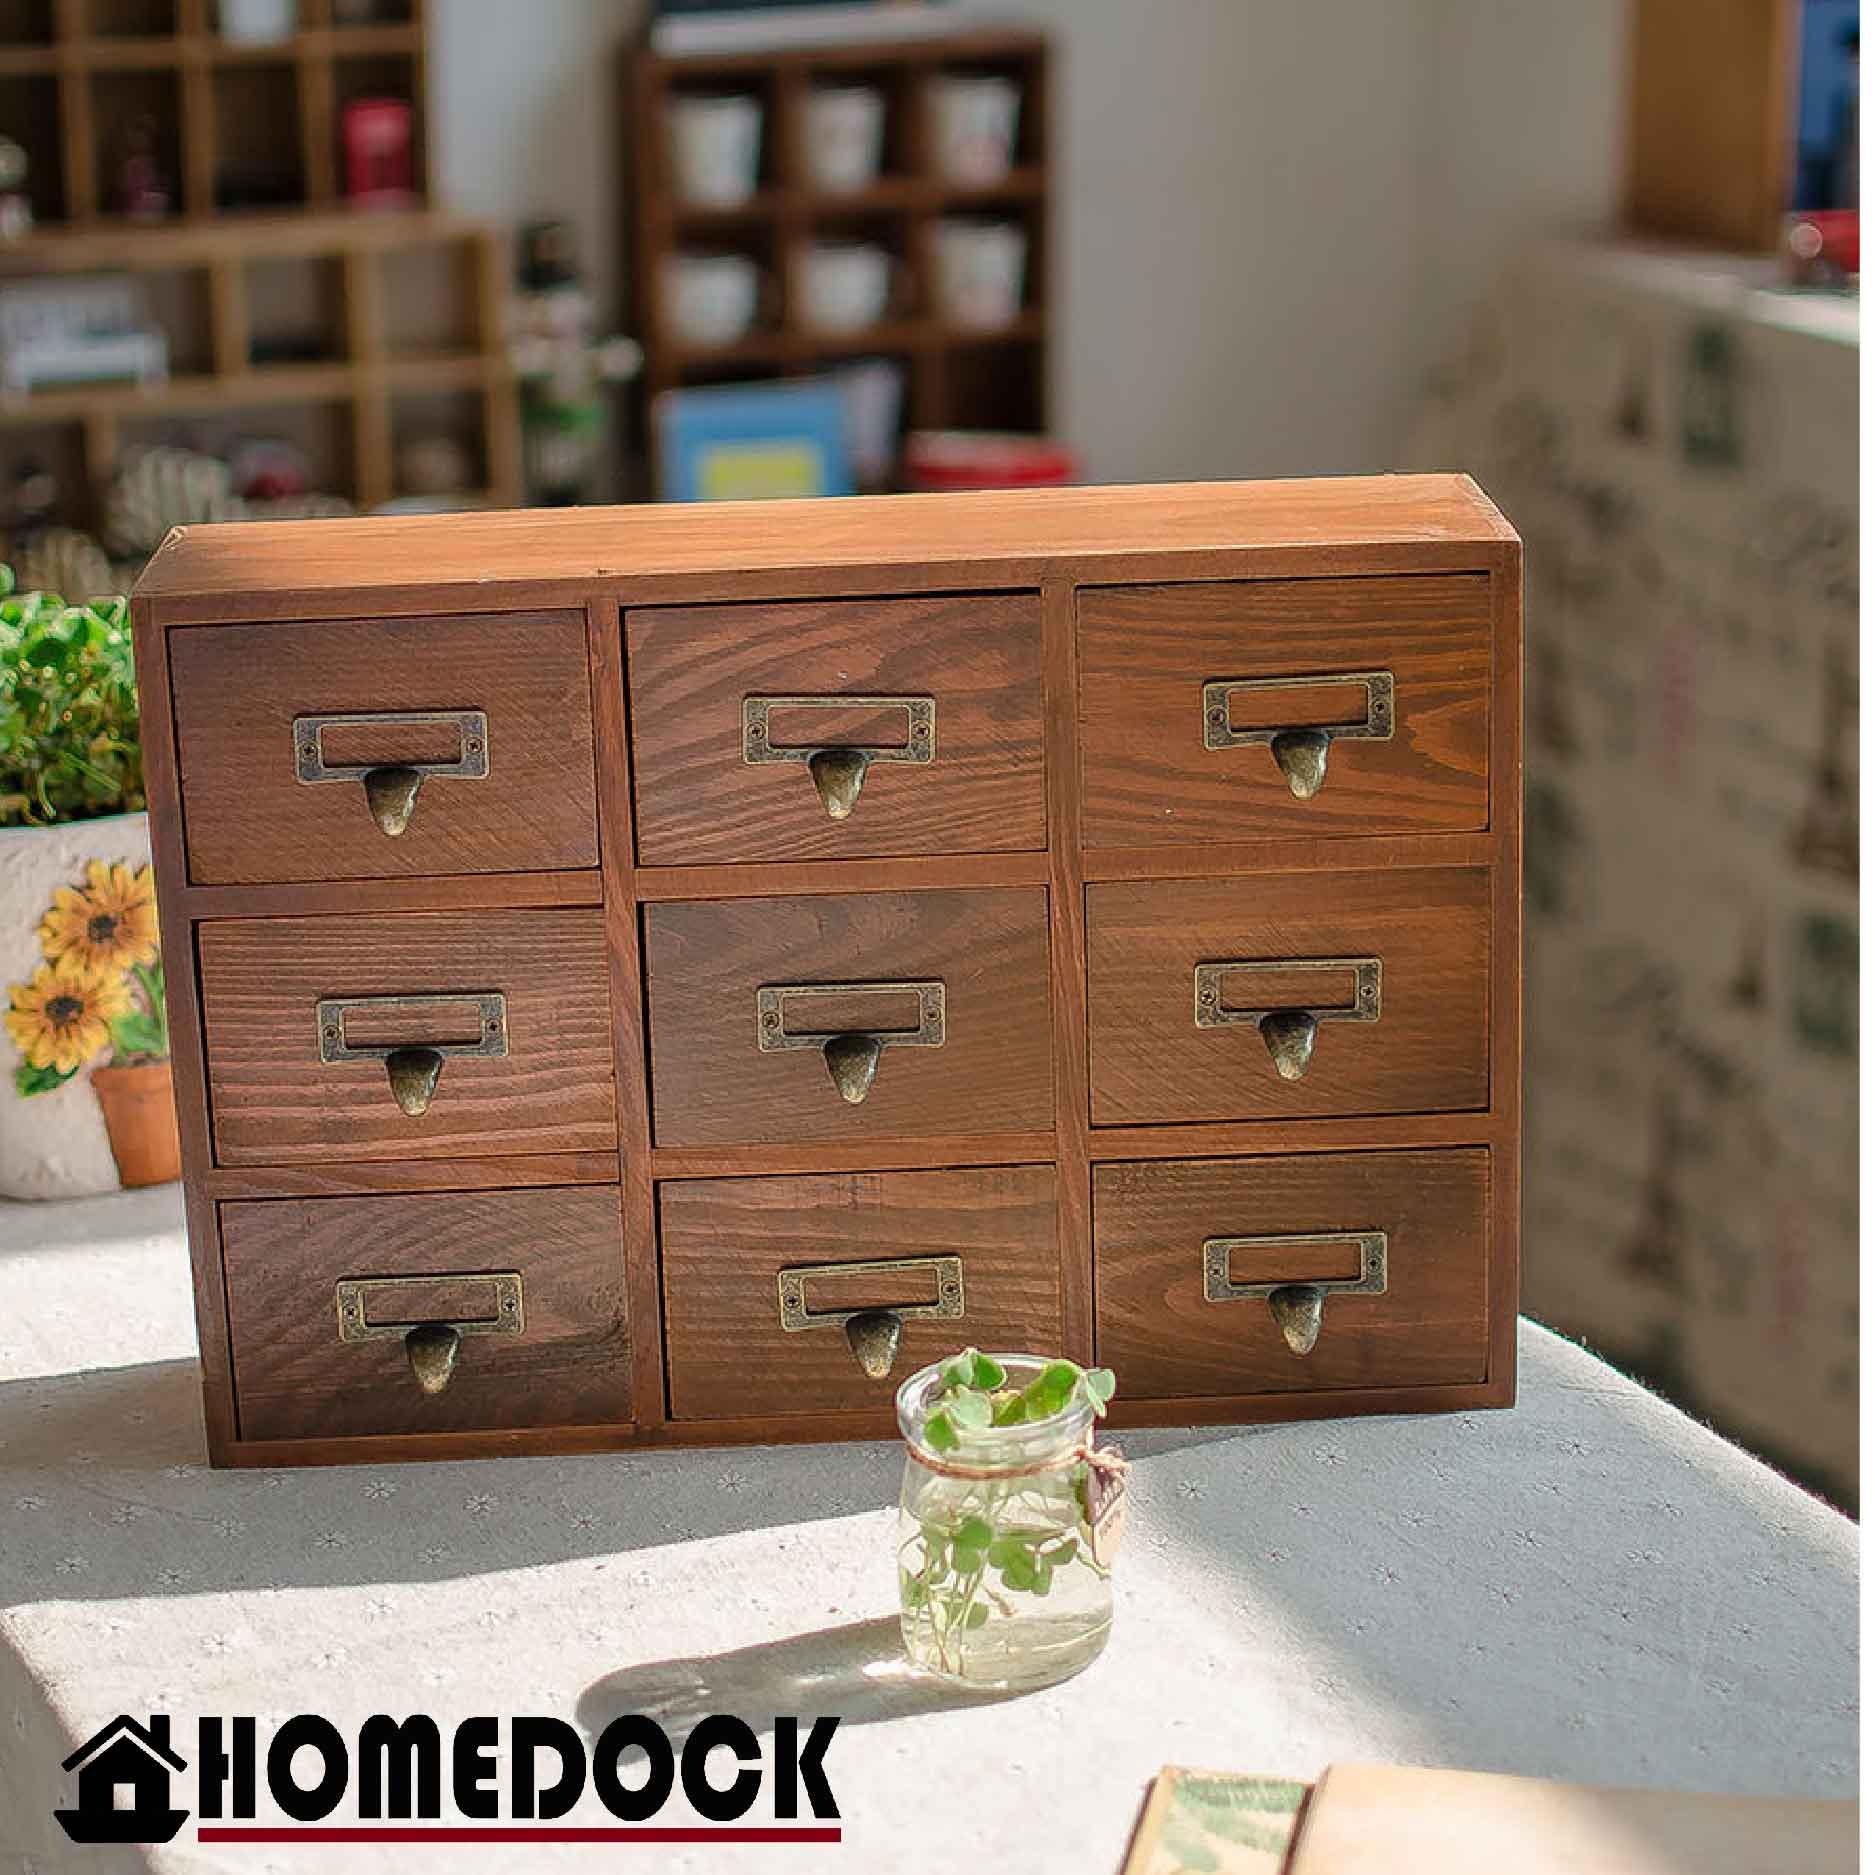 HOMEDOCK-原木質感9格抽屜收納櫃 三層/九格/木櫃/置物櫃/原木製/層格櫃/抽屜/Zakka/木盒